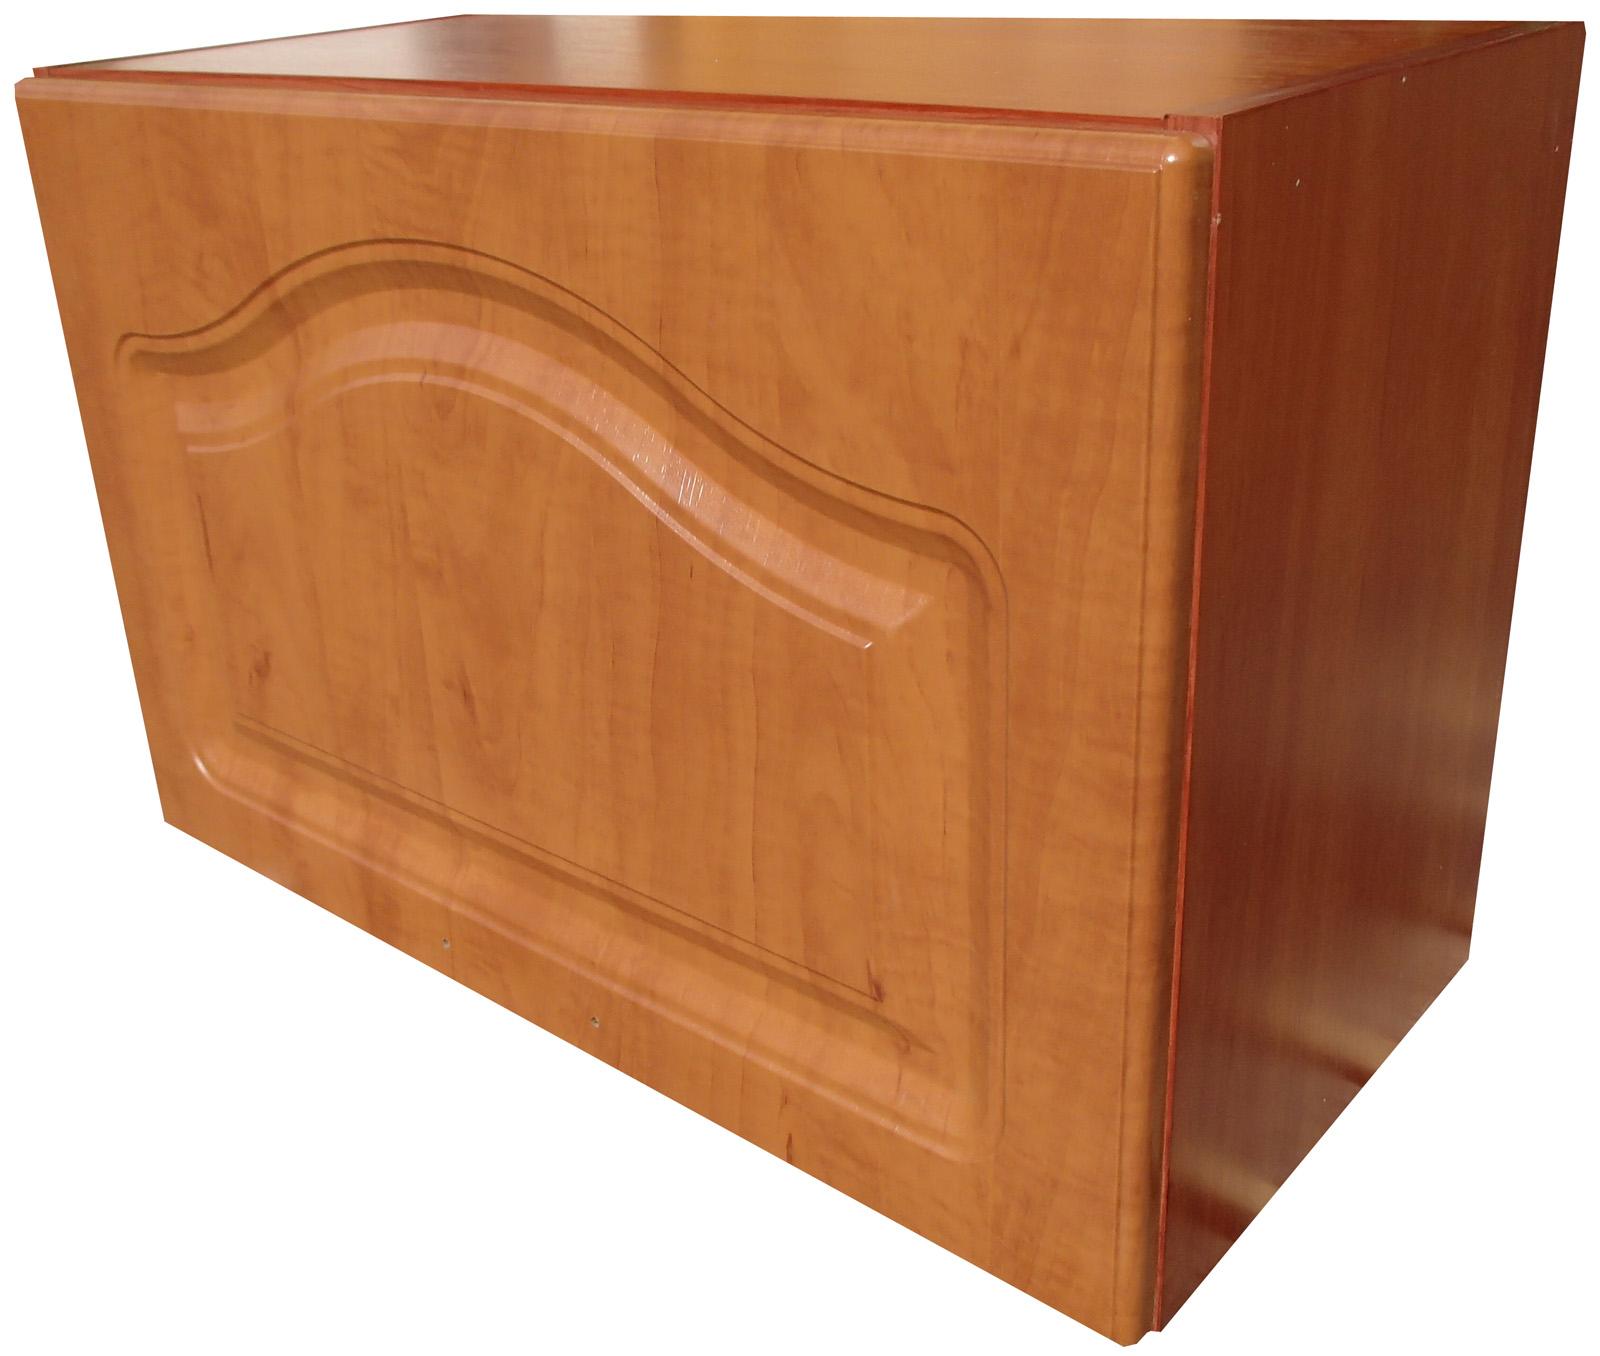 Kuchyňská skříňka horní výklop 60 cm VÝPRODEJ